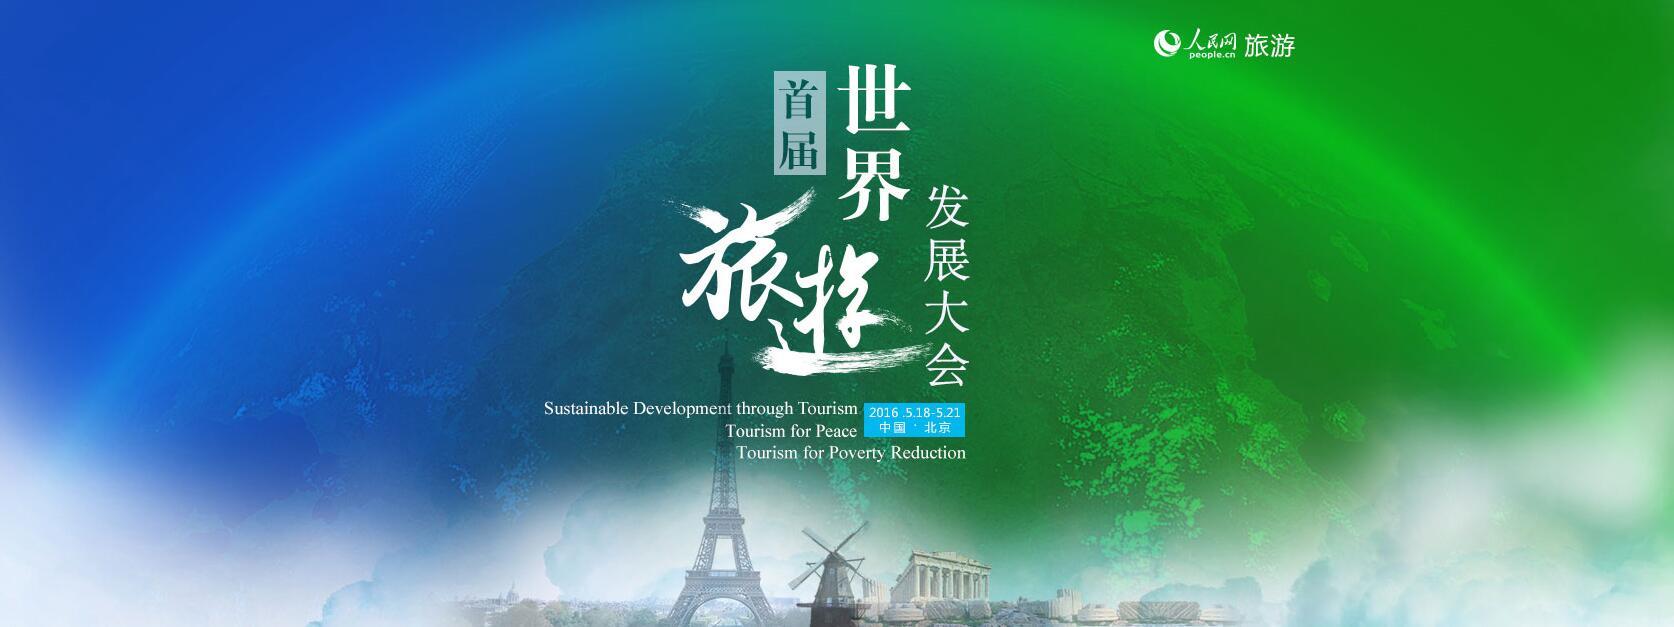 首届世界旅游发展大会